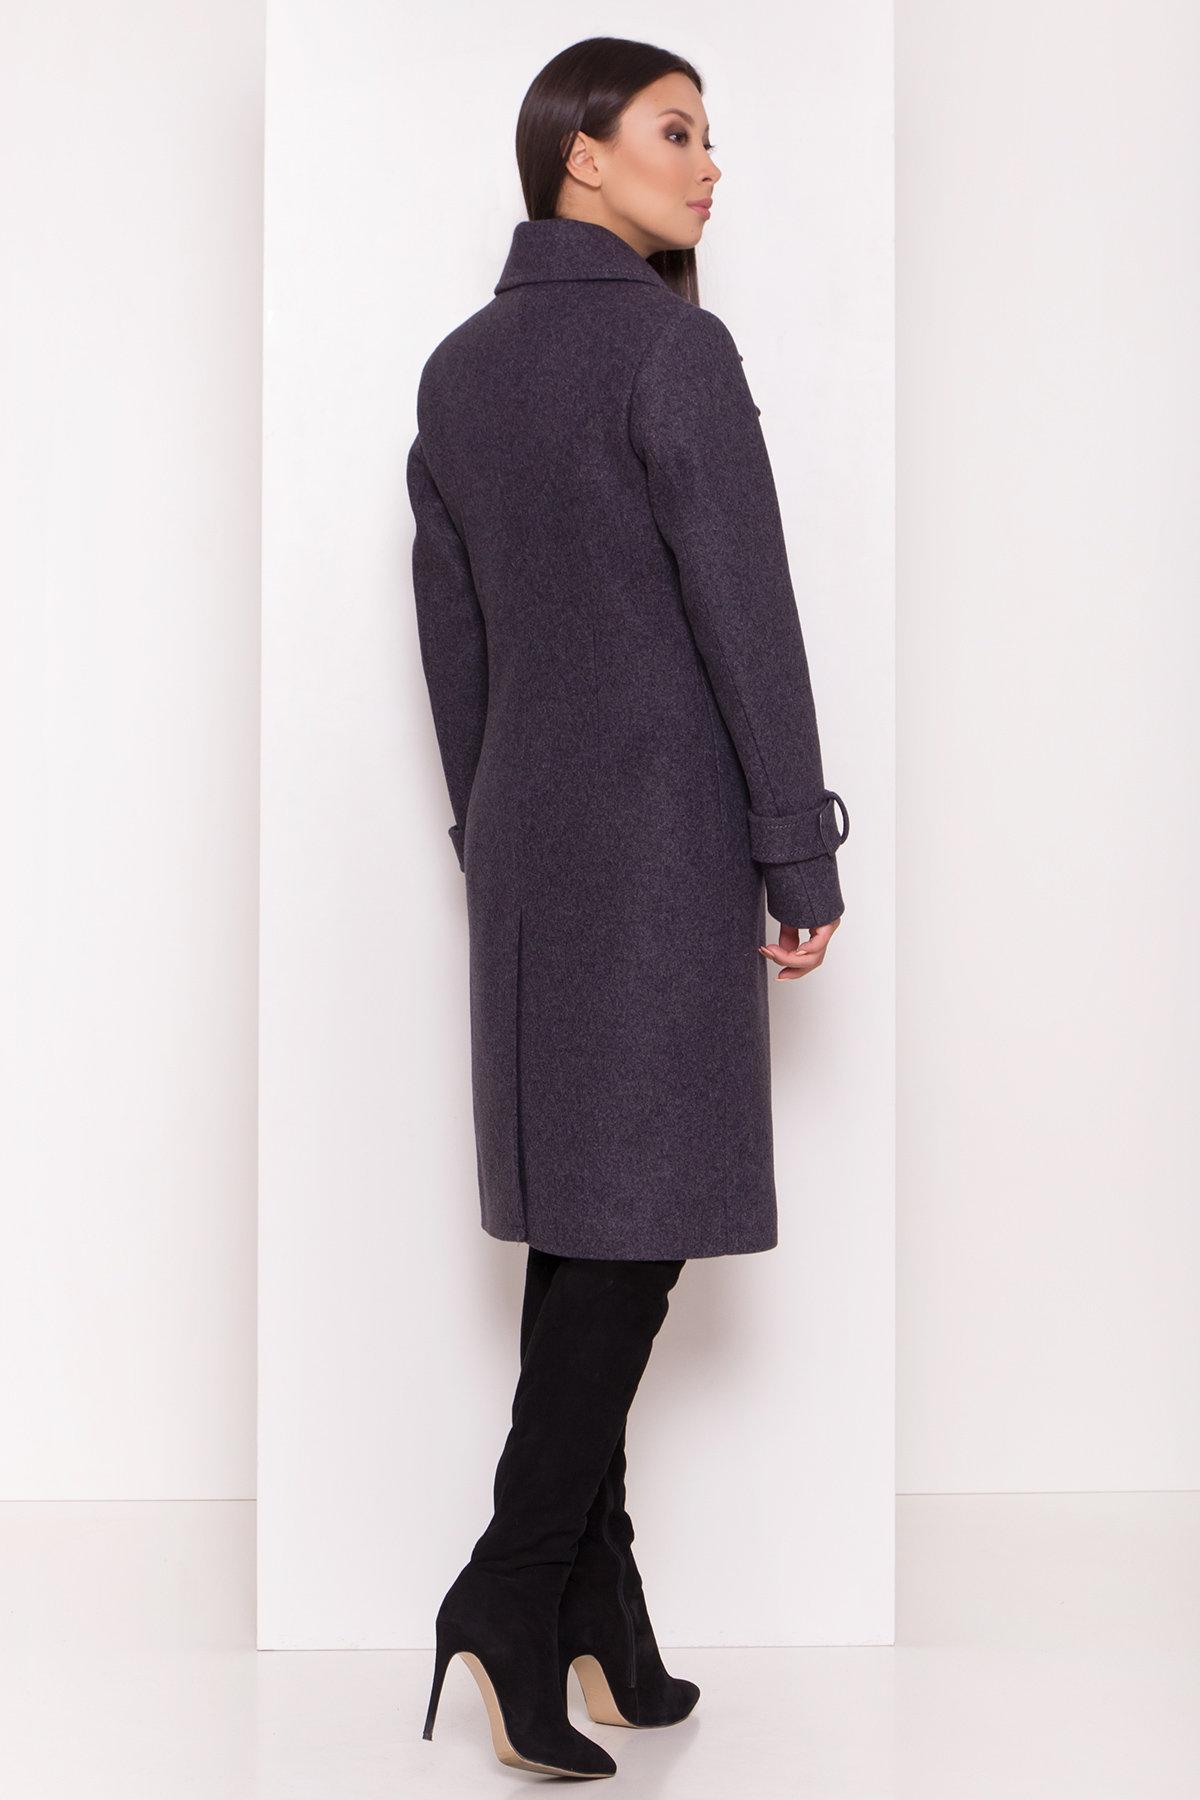 Двубортное пальто демисезон Монте 8089 АРТ. 44032 Цвет: т. синий 543 - фото 6, интернет магазин tm-modus.ru